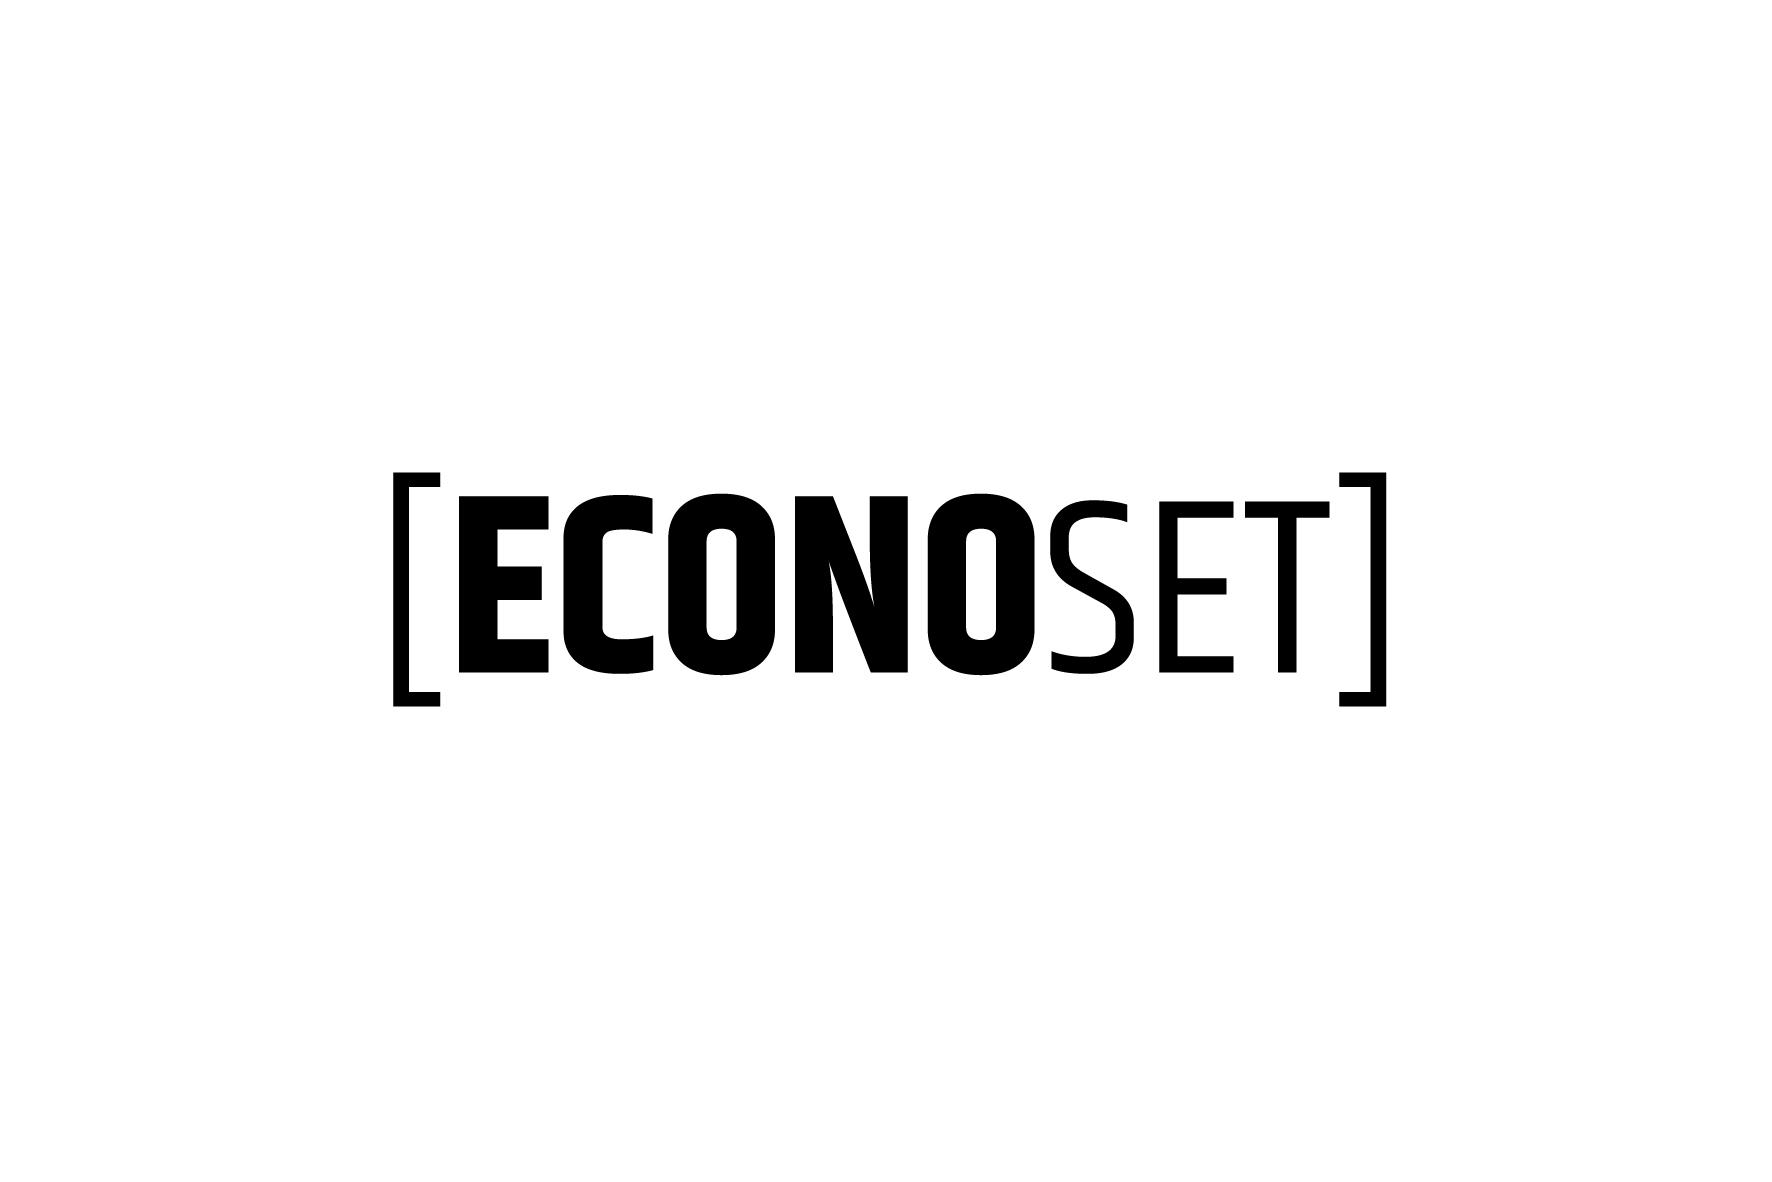 Econoset